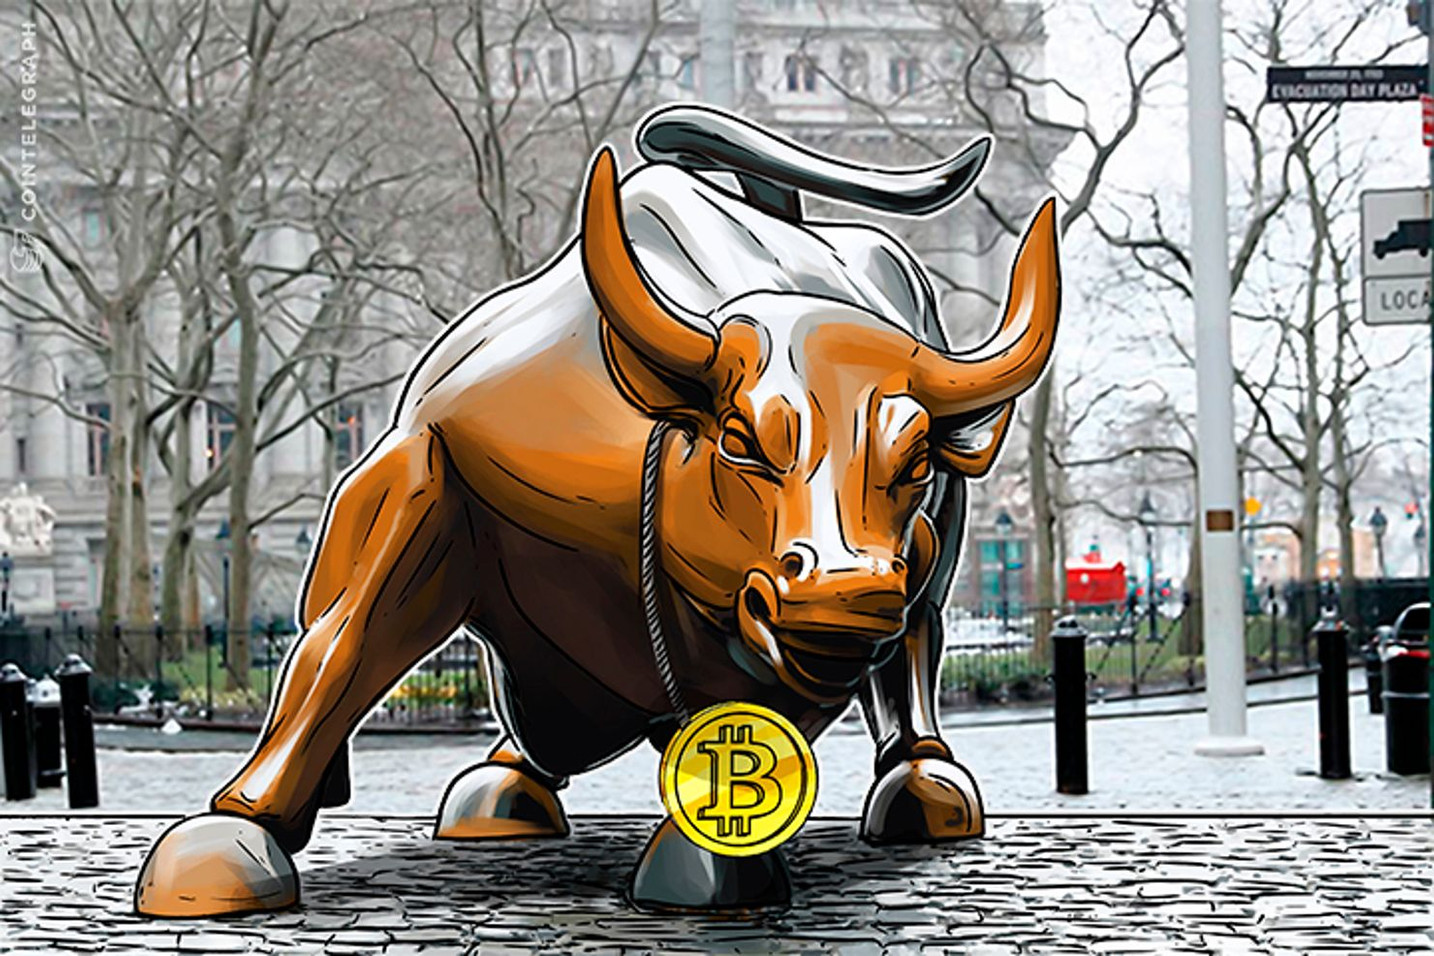 仮想通貨ビットコインが1年ぶりに1万1700ドルに到達、1万2000ドル突破も視野に